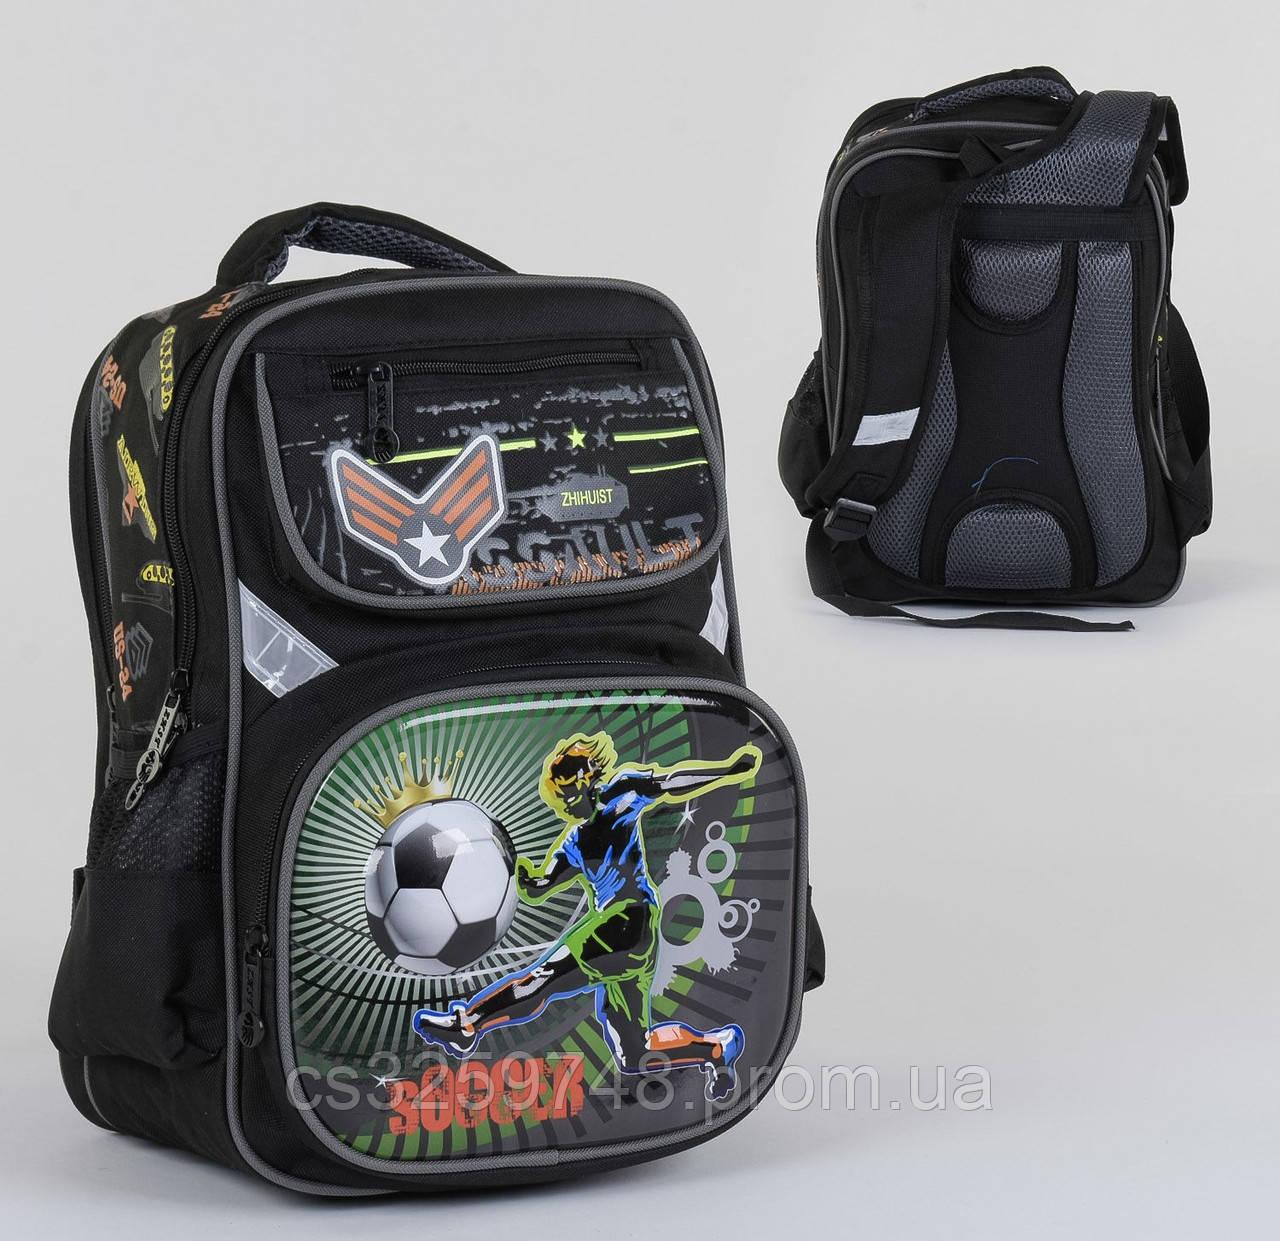 Рюкзак школьный С 36269, 2 отделения, 4 кармана, ортопедическая спинка, 3D принт